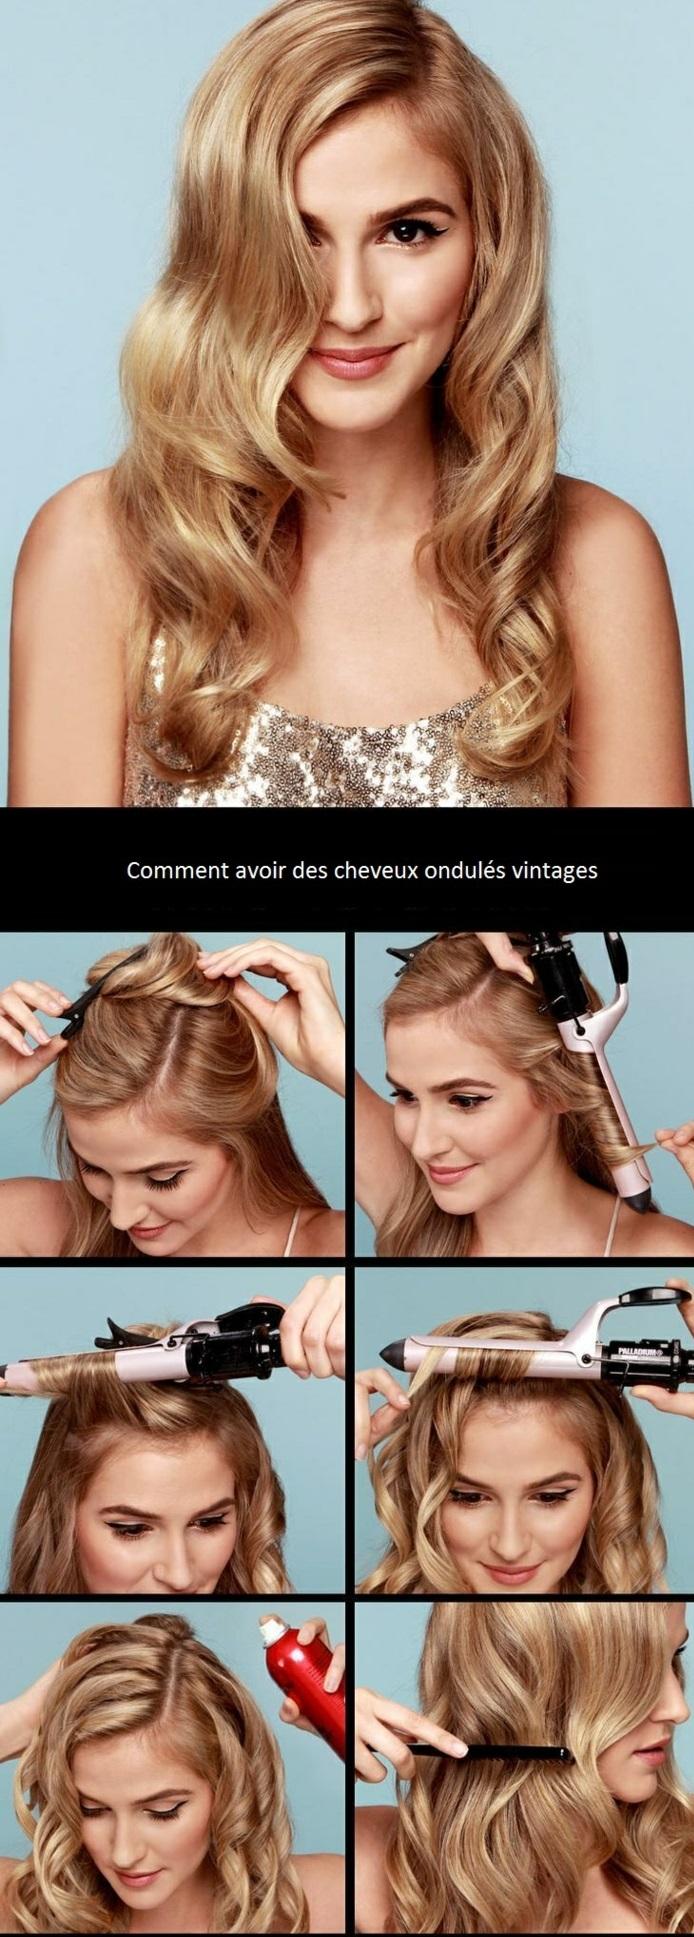 coupe-de-cheveux-tendance-coiffure-cheveux-ondulés-sans-chaleur-femme-blonde